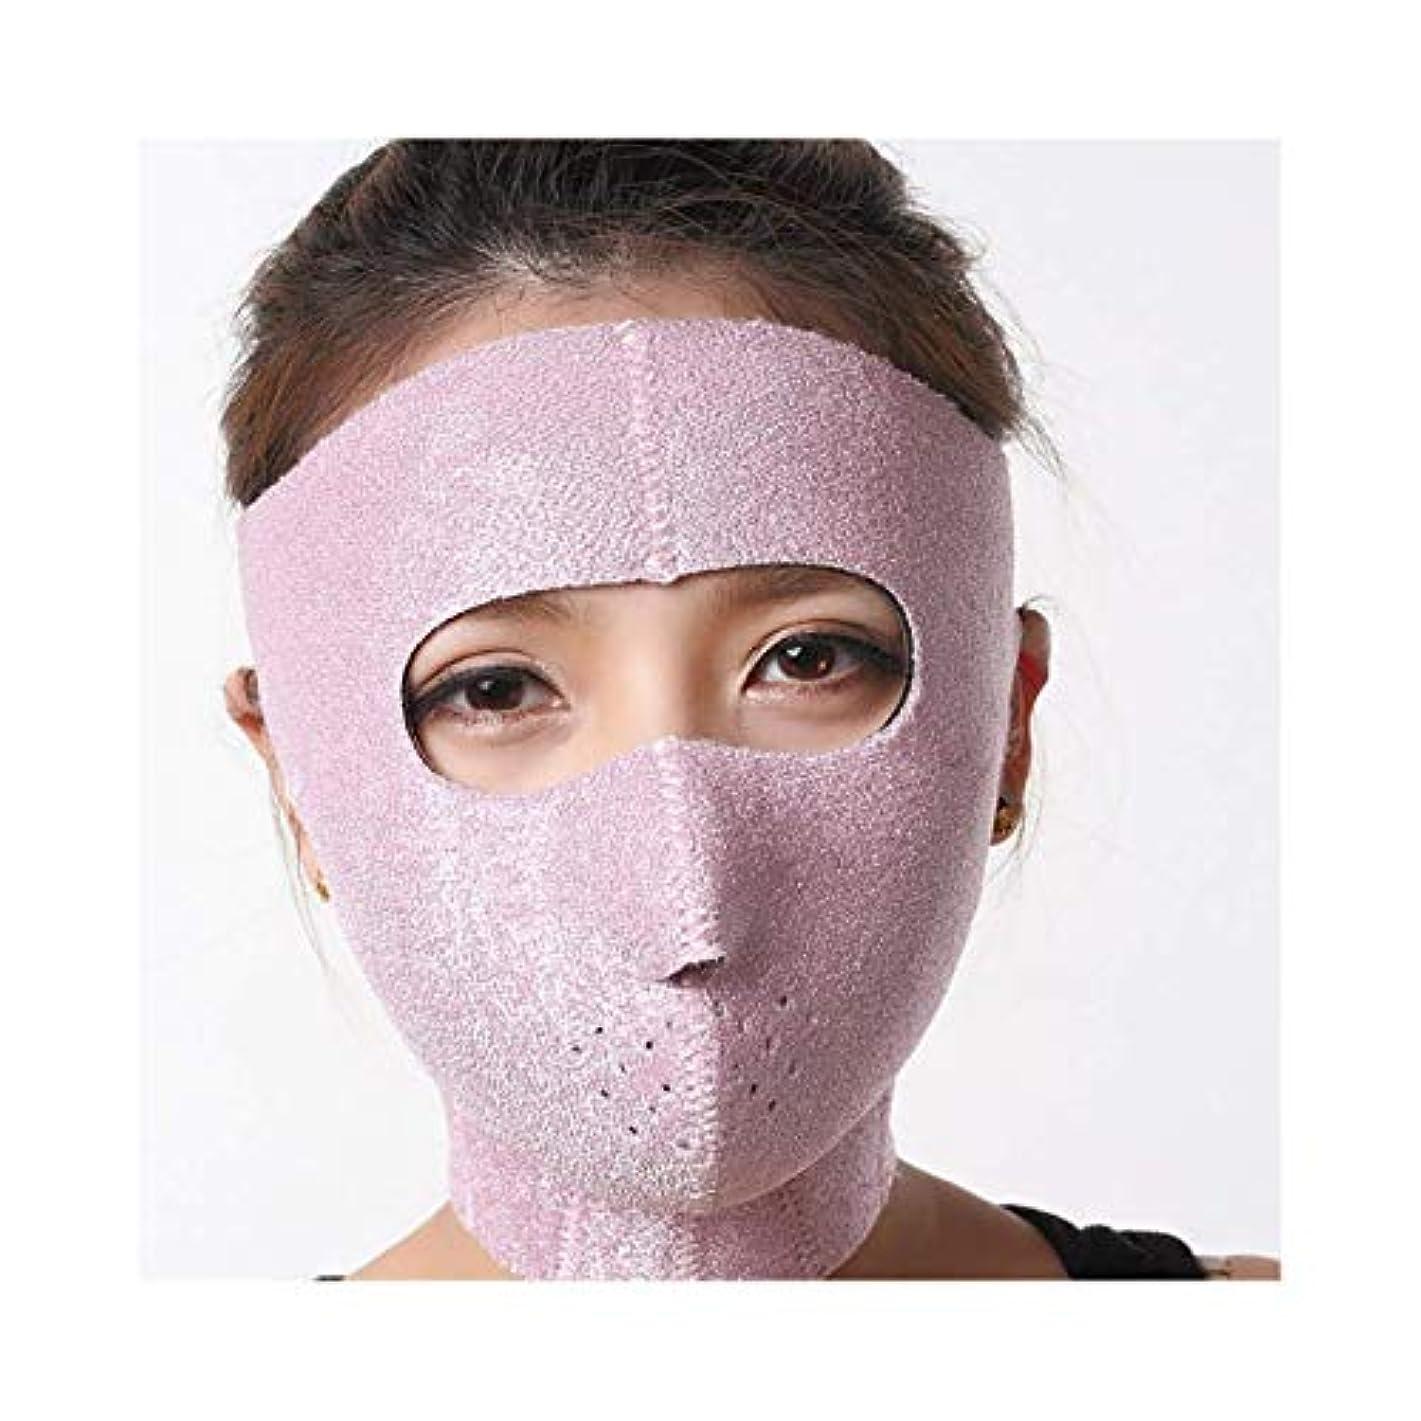 加入成熟したインクスリミングベルト、フェイシャルマスク薄い顔マスク睡眠薄い顔マスク薄い顔包帯薄い顔アーティファクト薄い顔顔リフティング薄い顔小さなV顔睡眠薄い顔ベルト